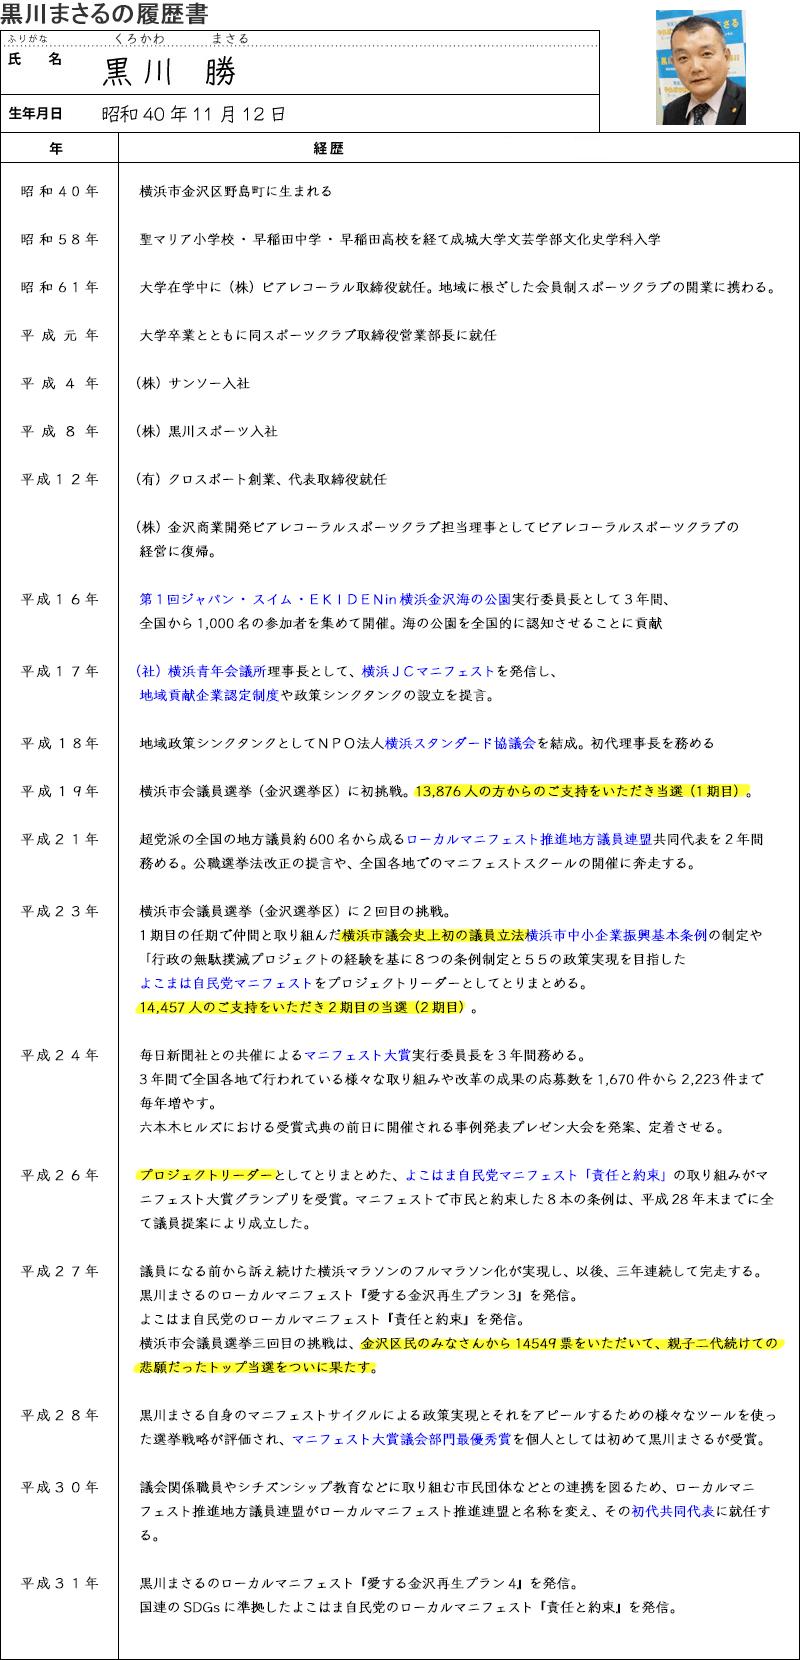 黒川まさるの履歴書2019